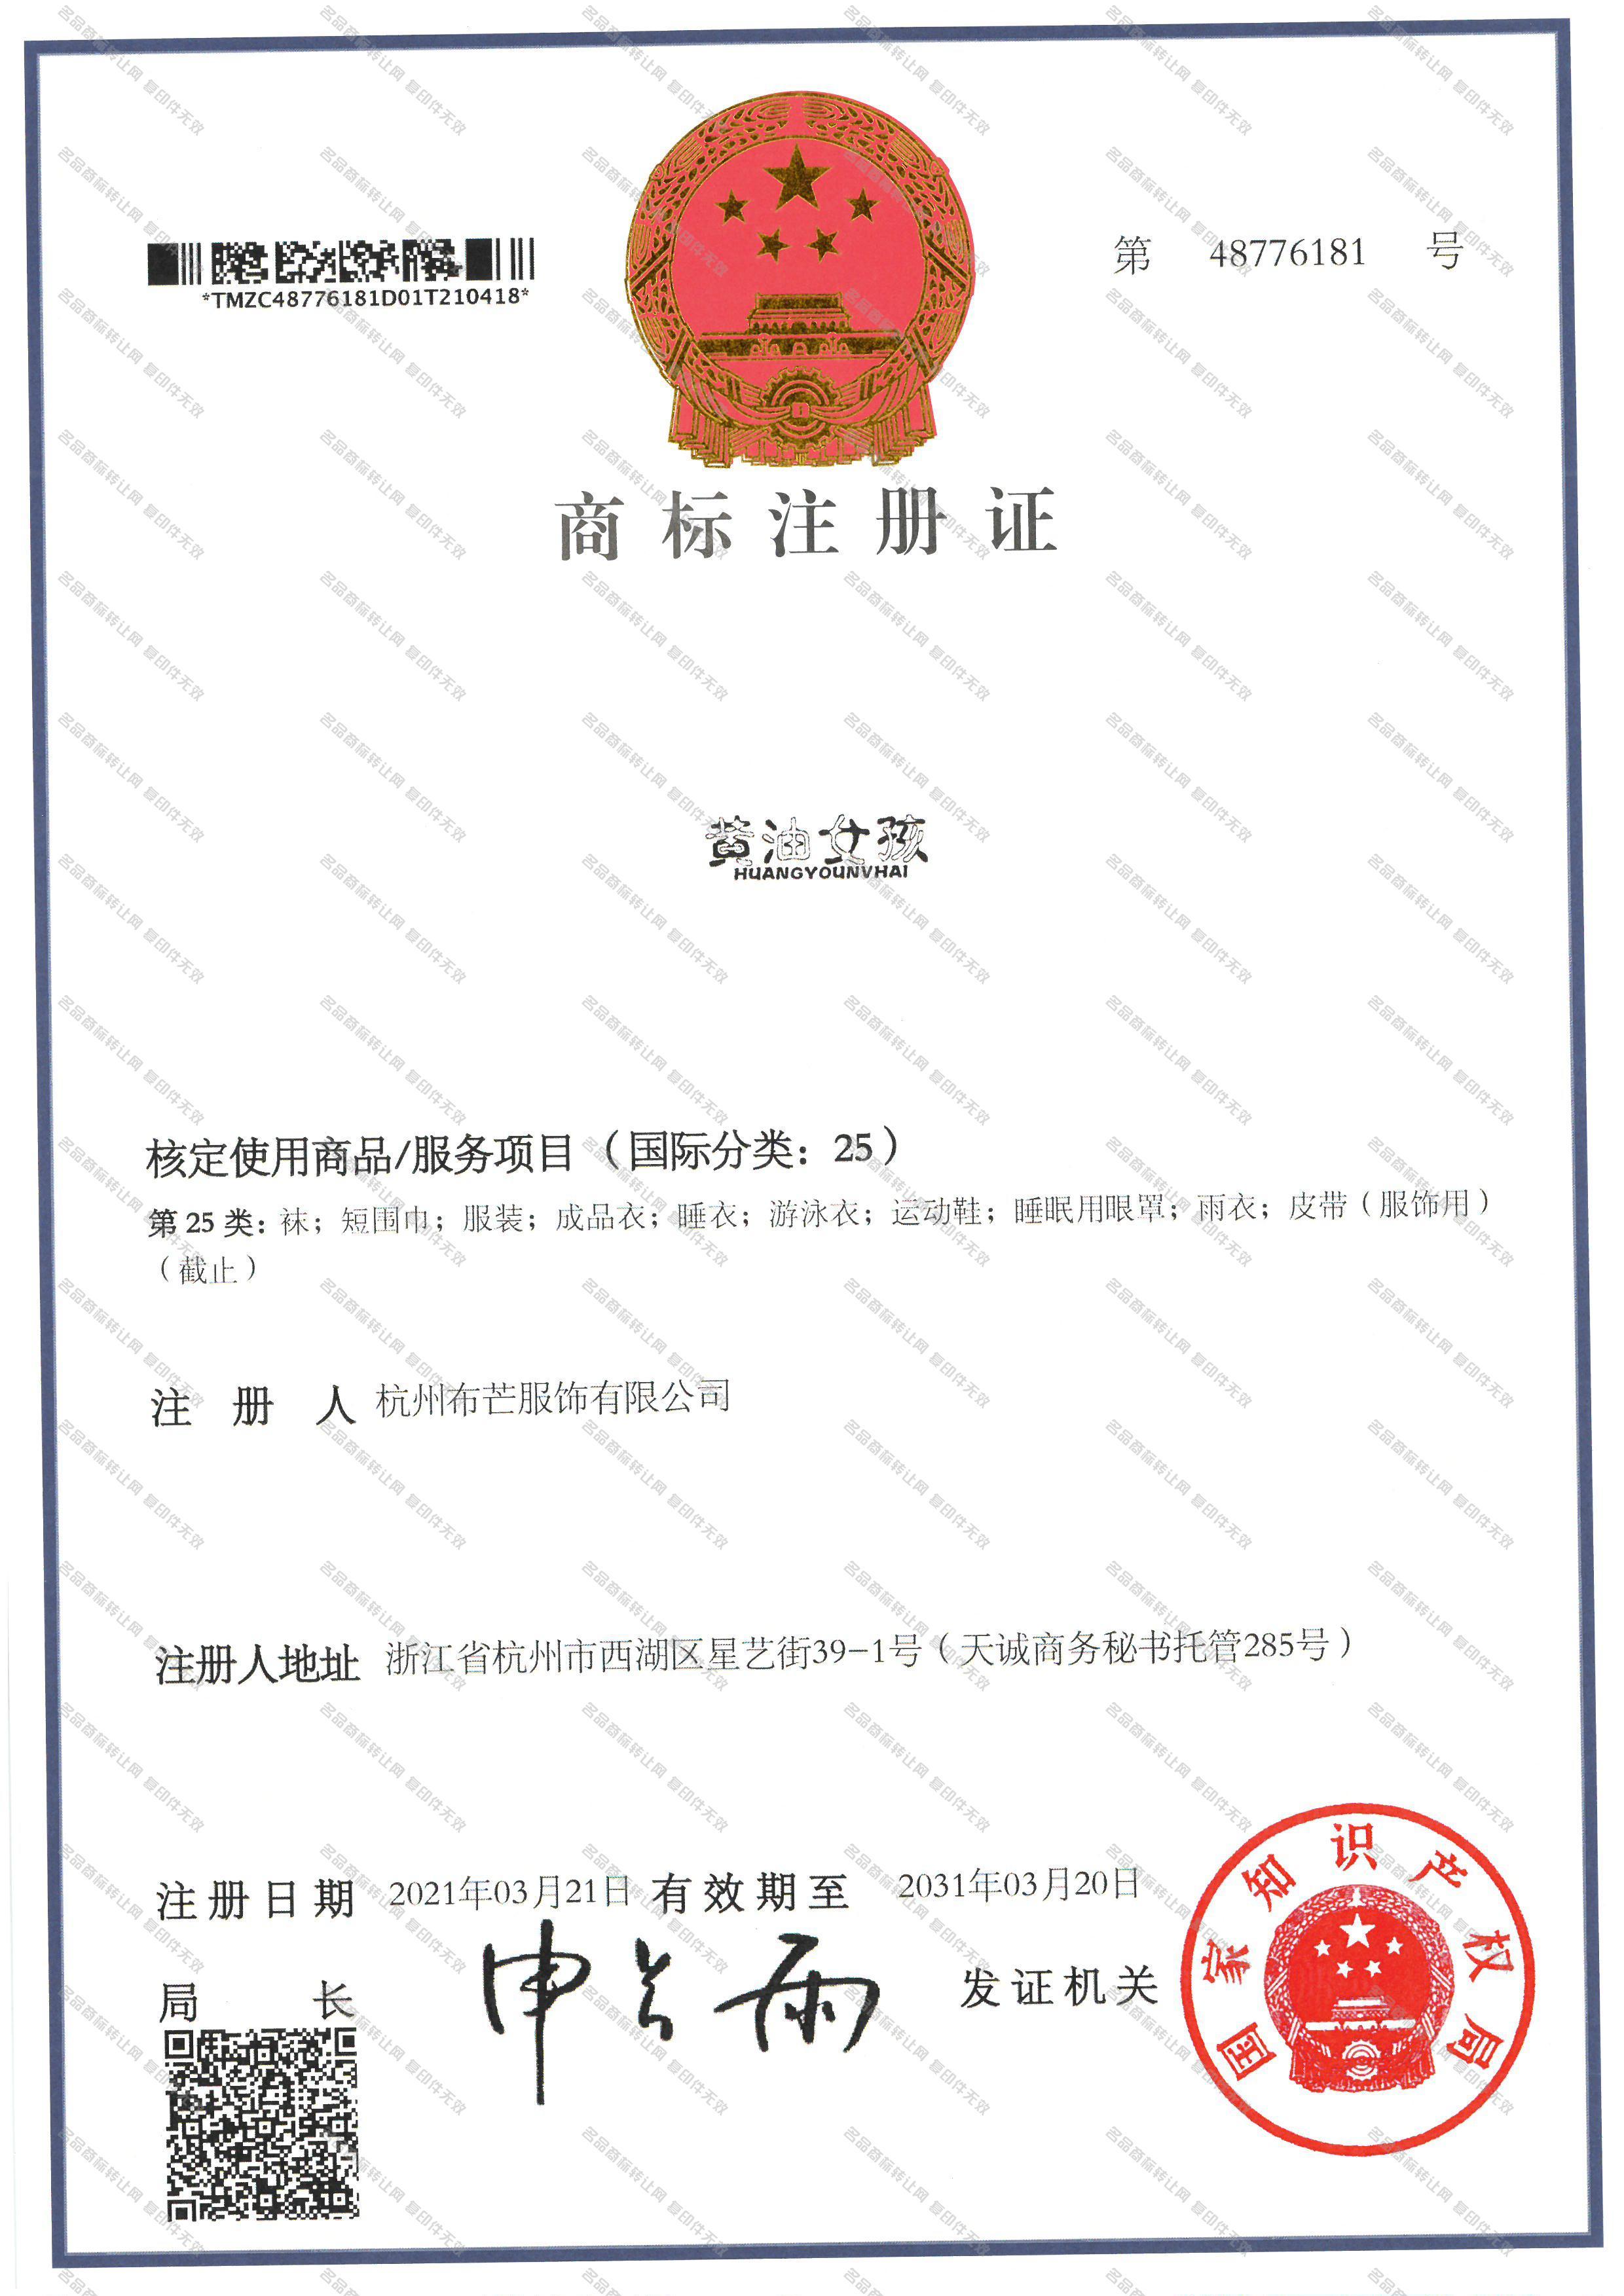 黄油女孩;HUANGYOUNVHAI注册证